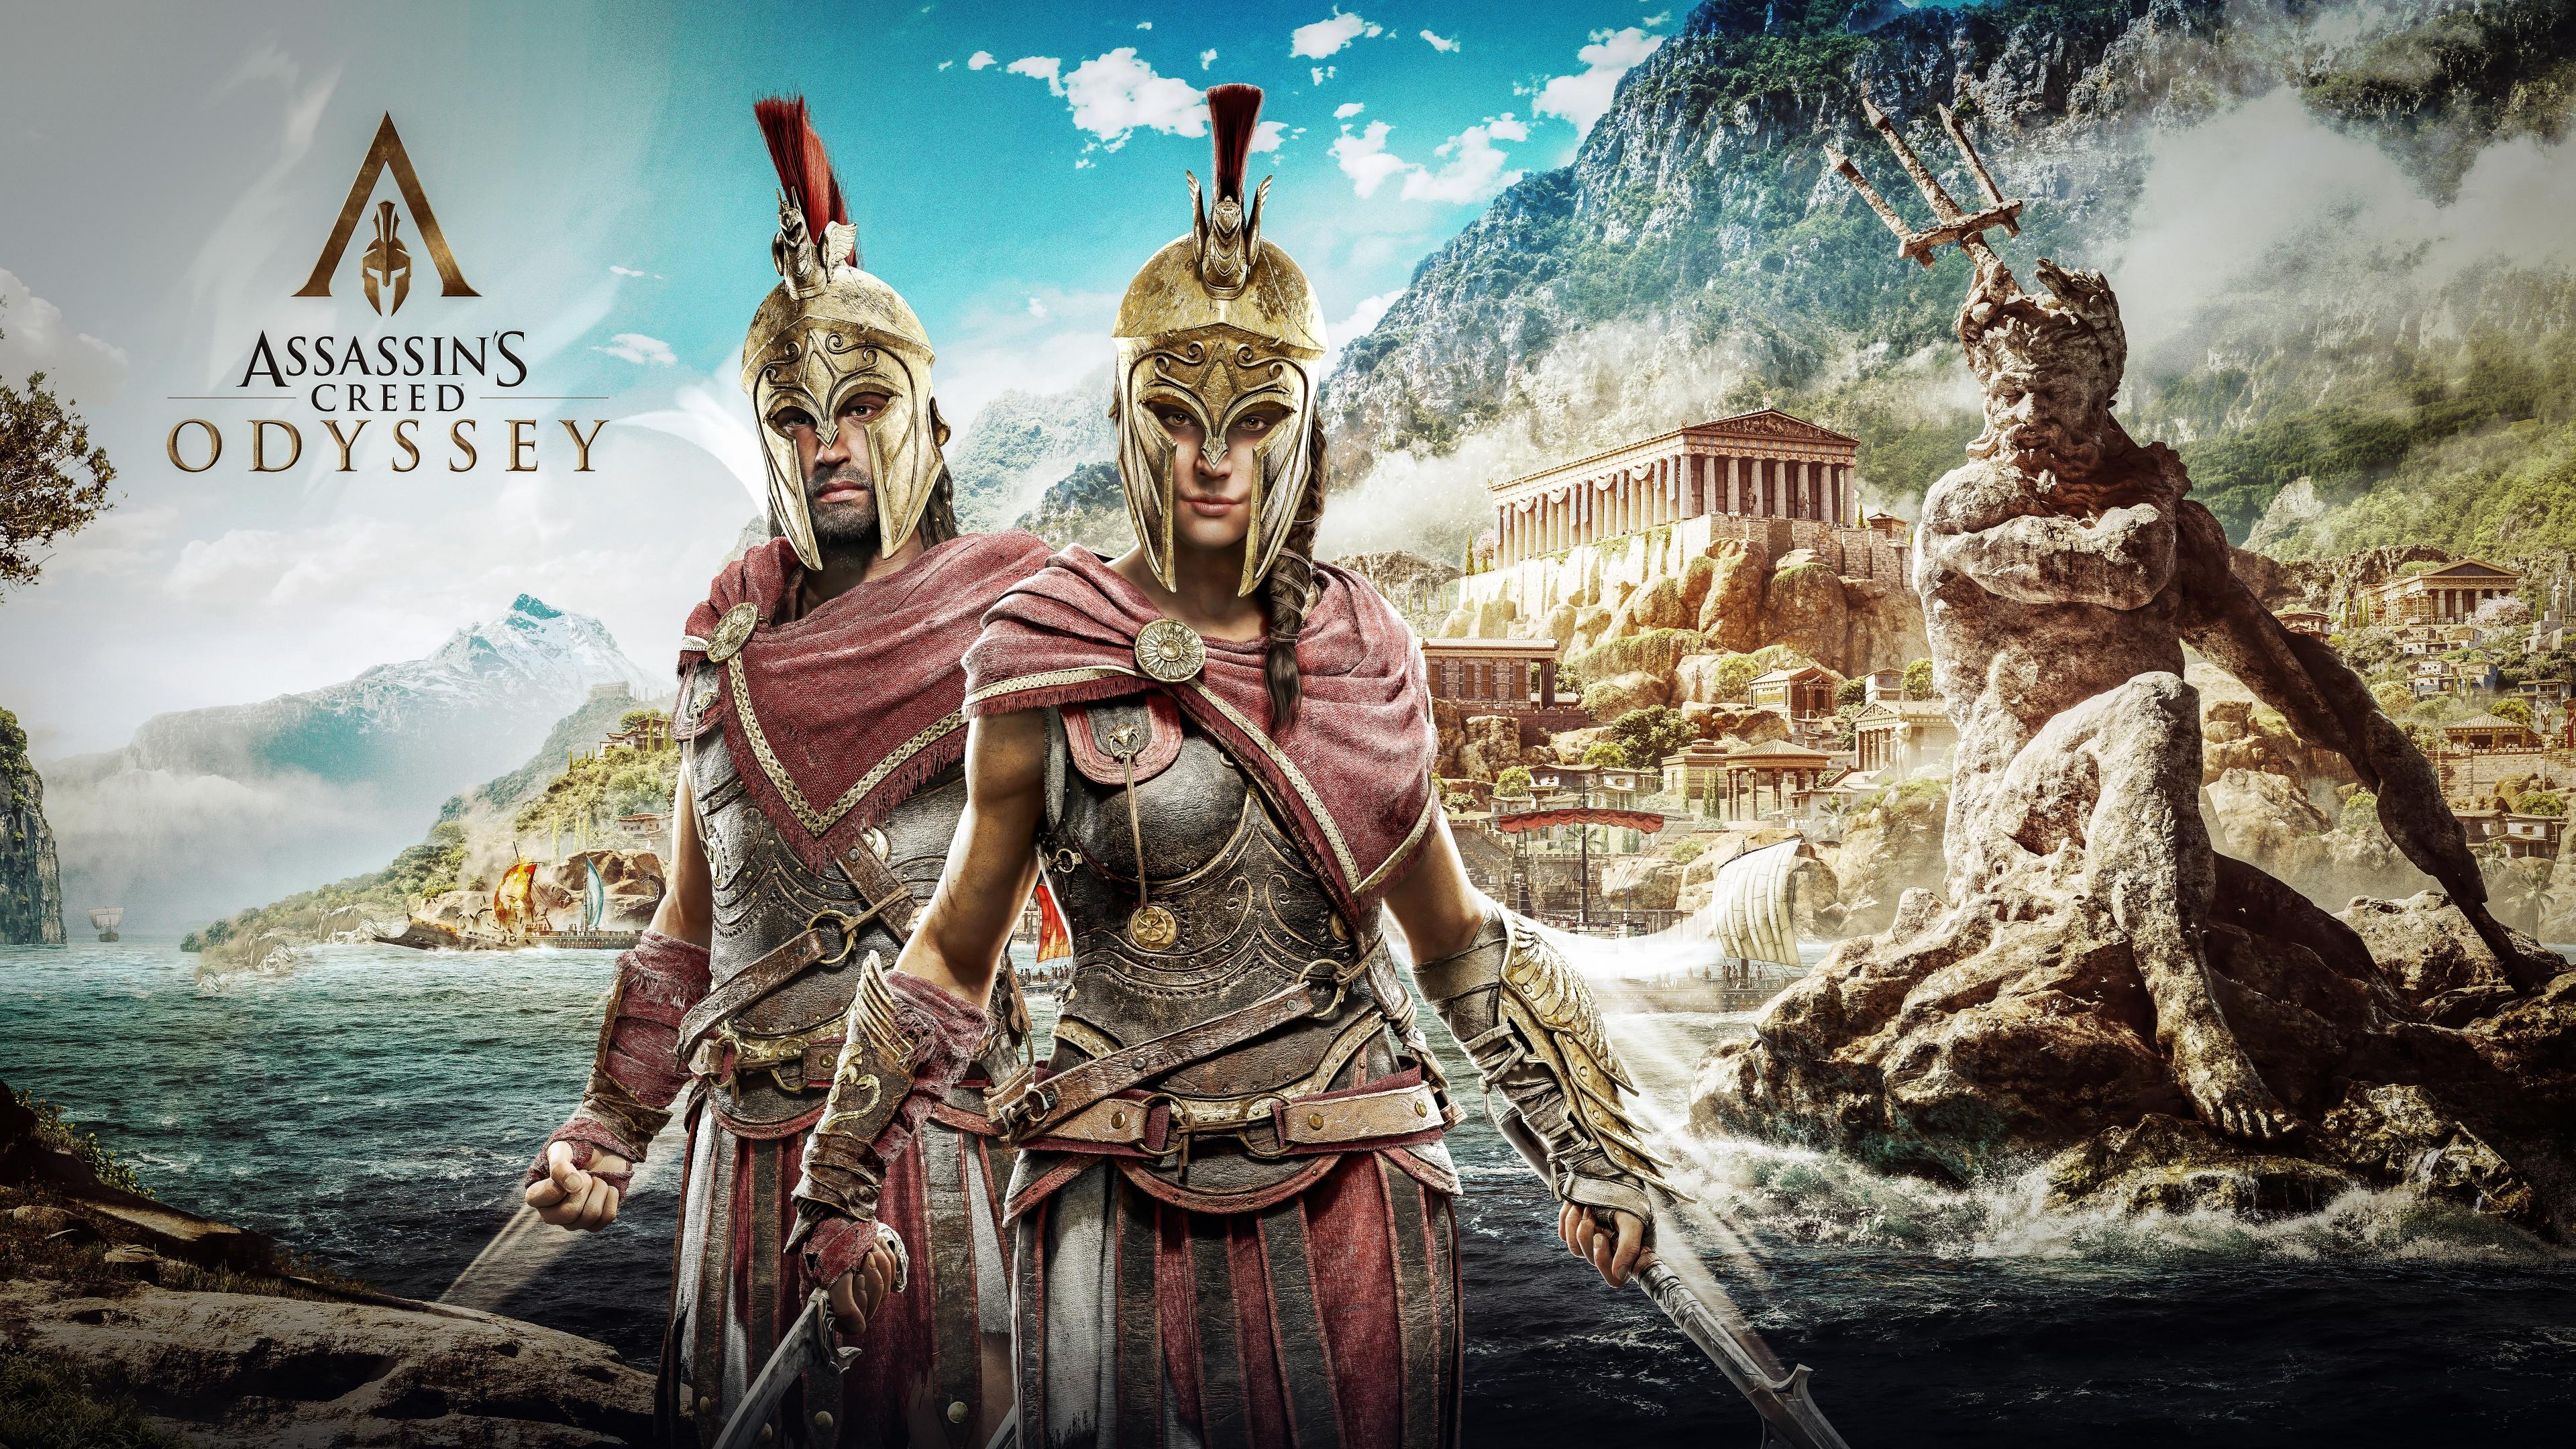 Герои-спартанцы в золотых шлемах,доспехах и с оружием в морских водах